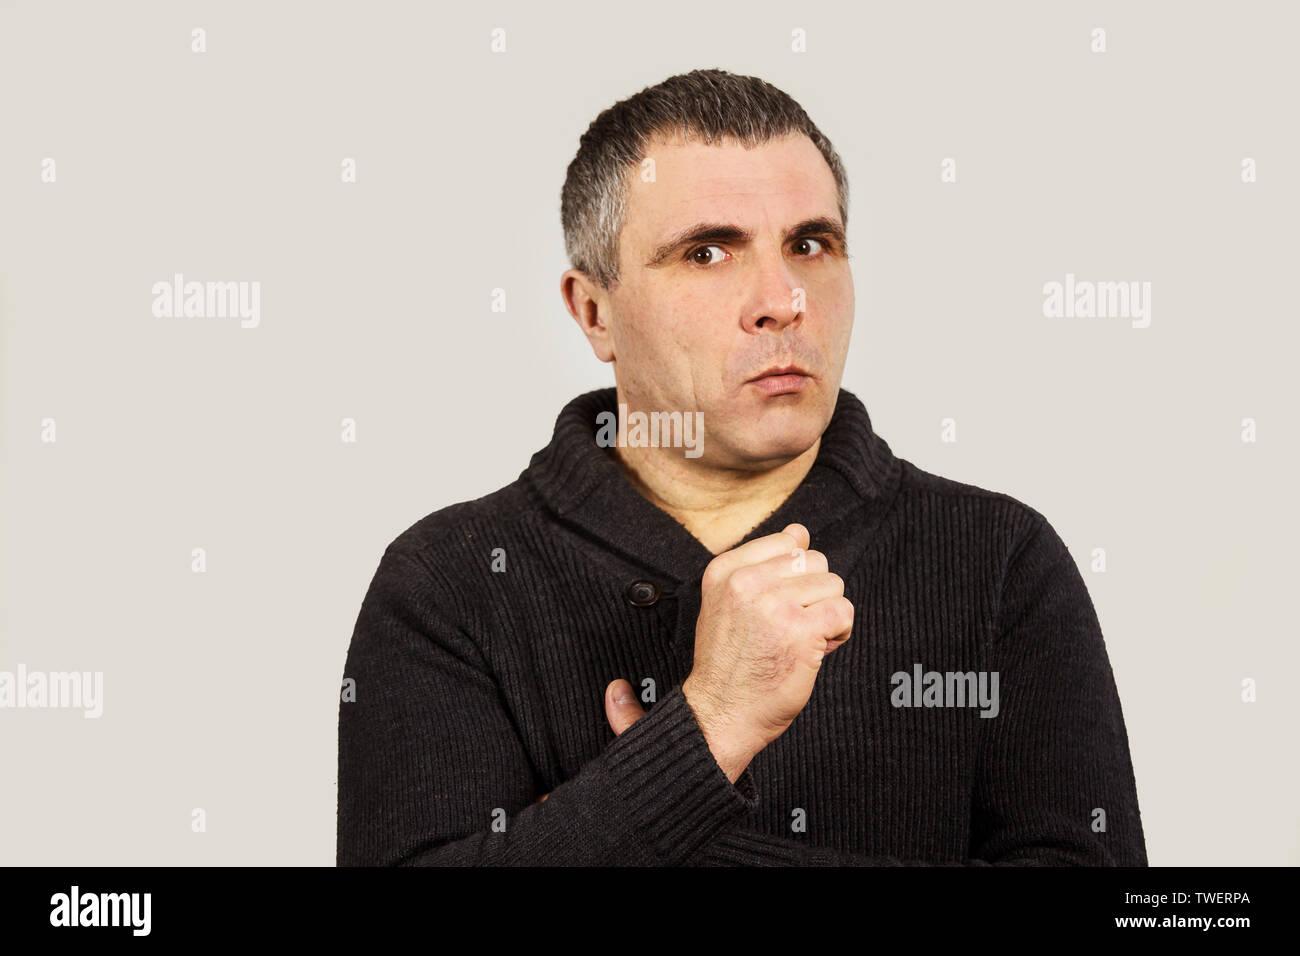 Ein Mann in einem dunklen pullover auf einem weißen Hintergrund. Emotionaler Mensch selbst aufgebracht. Stockbild